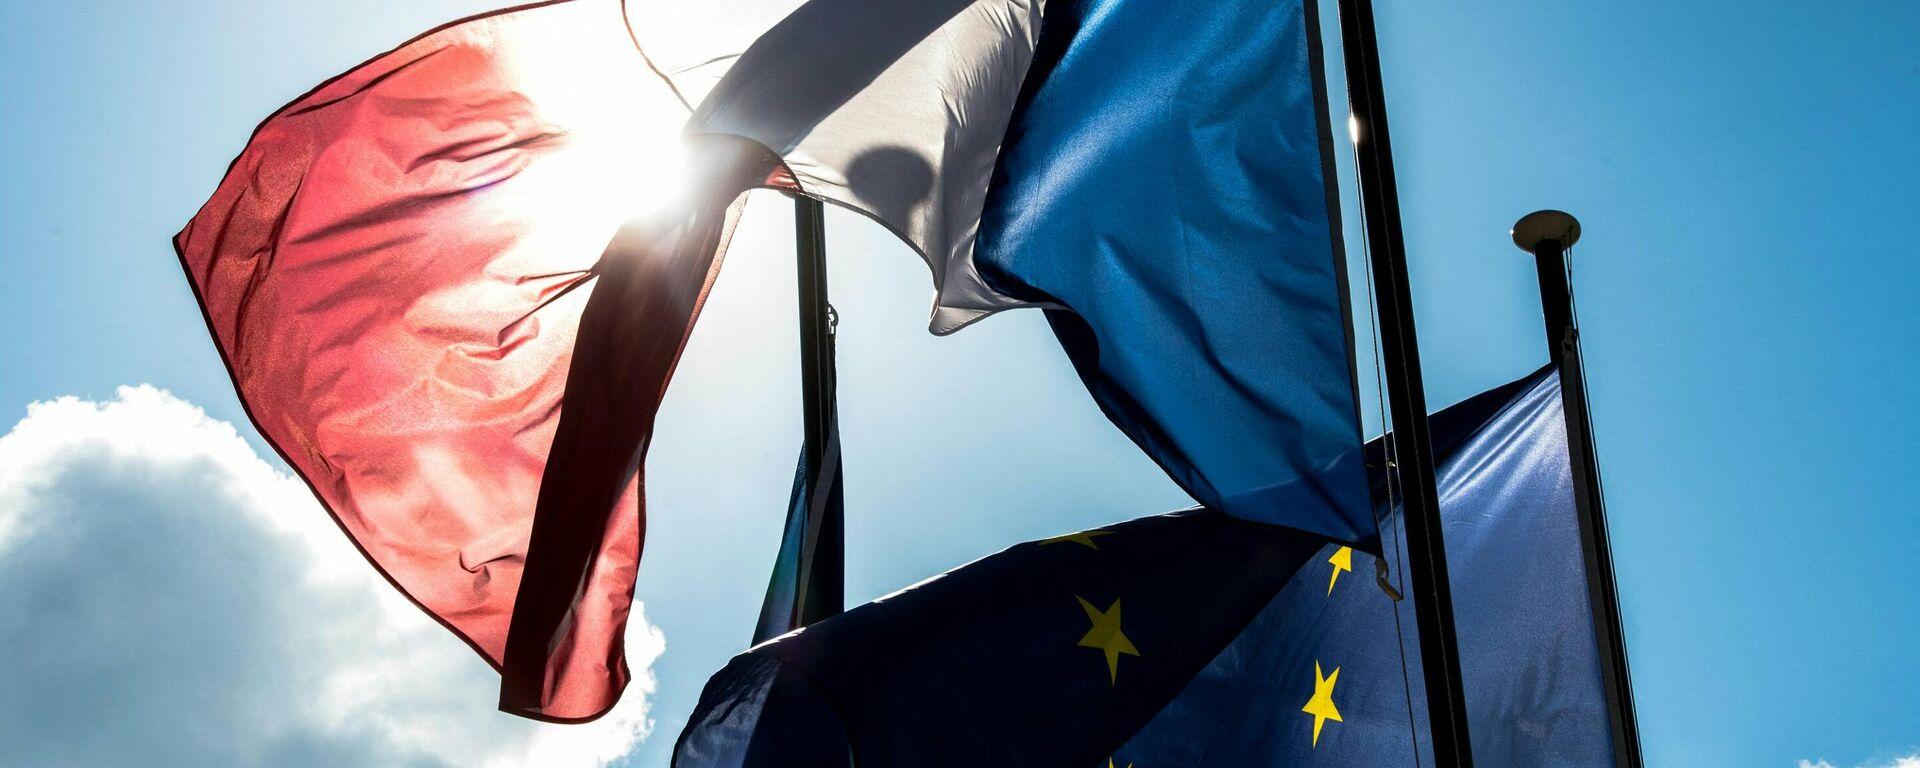 Las banderas de Francia y la UE - Sputnik Mundo, 1920, 17.04.2021